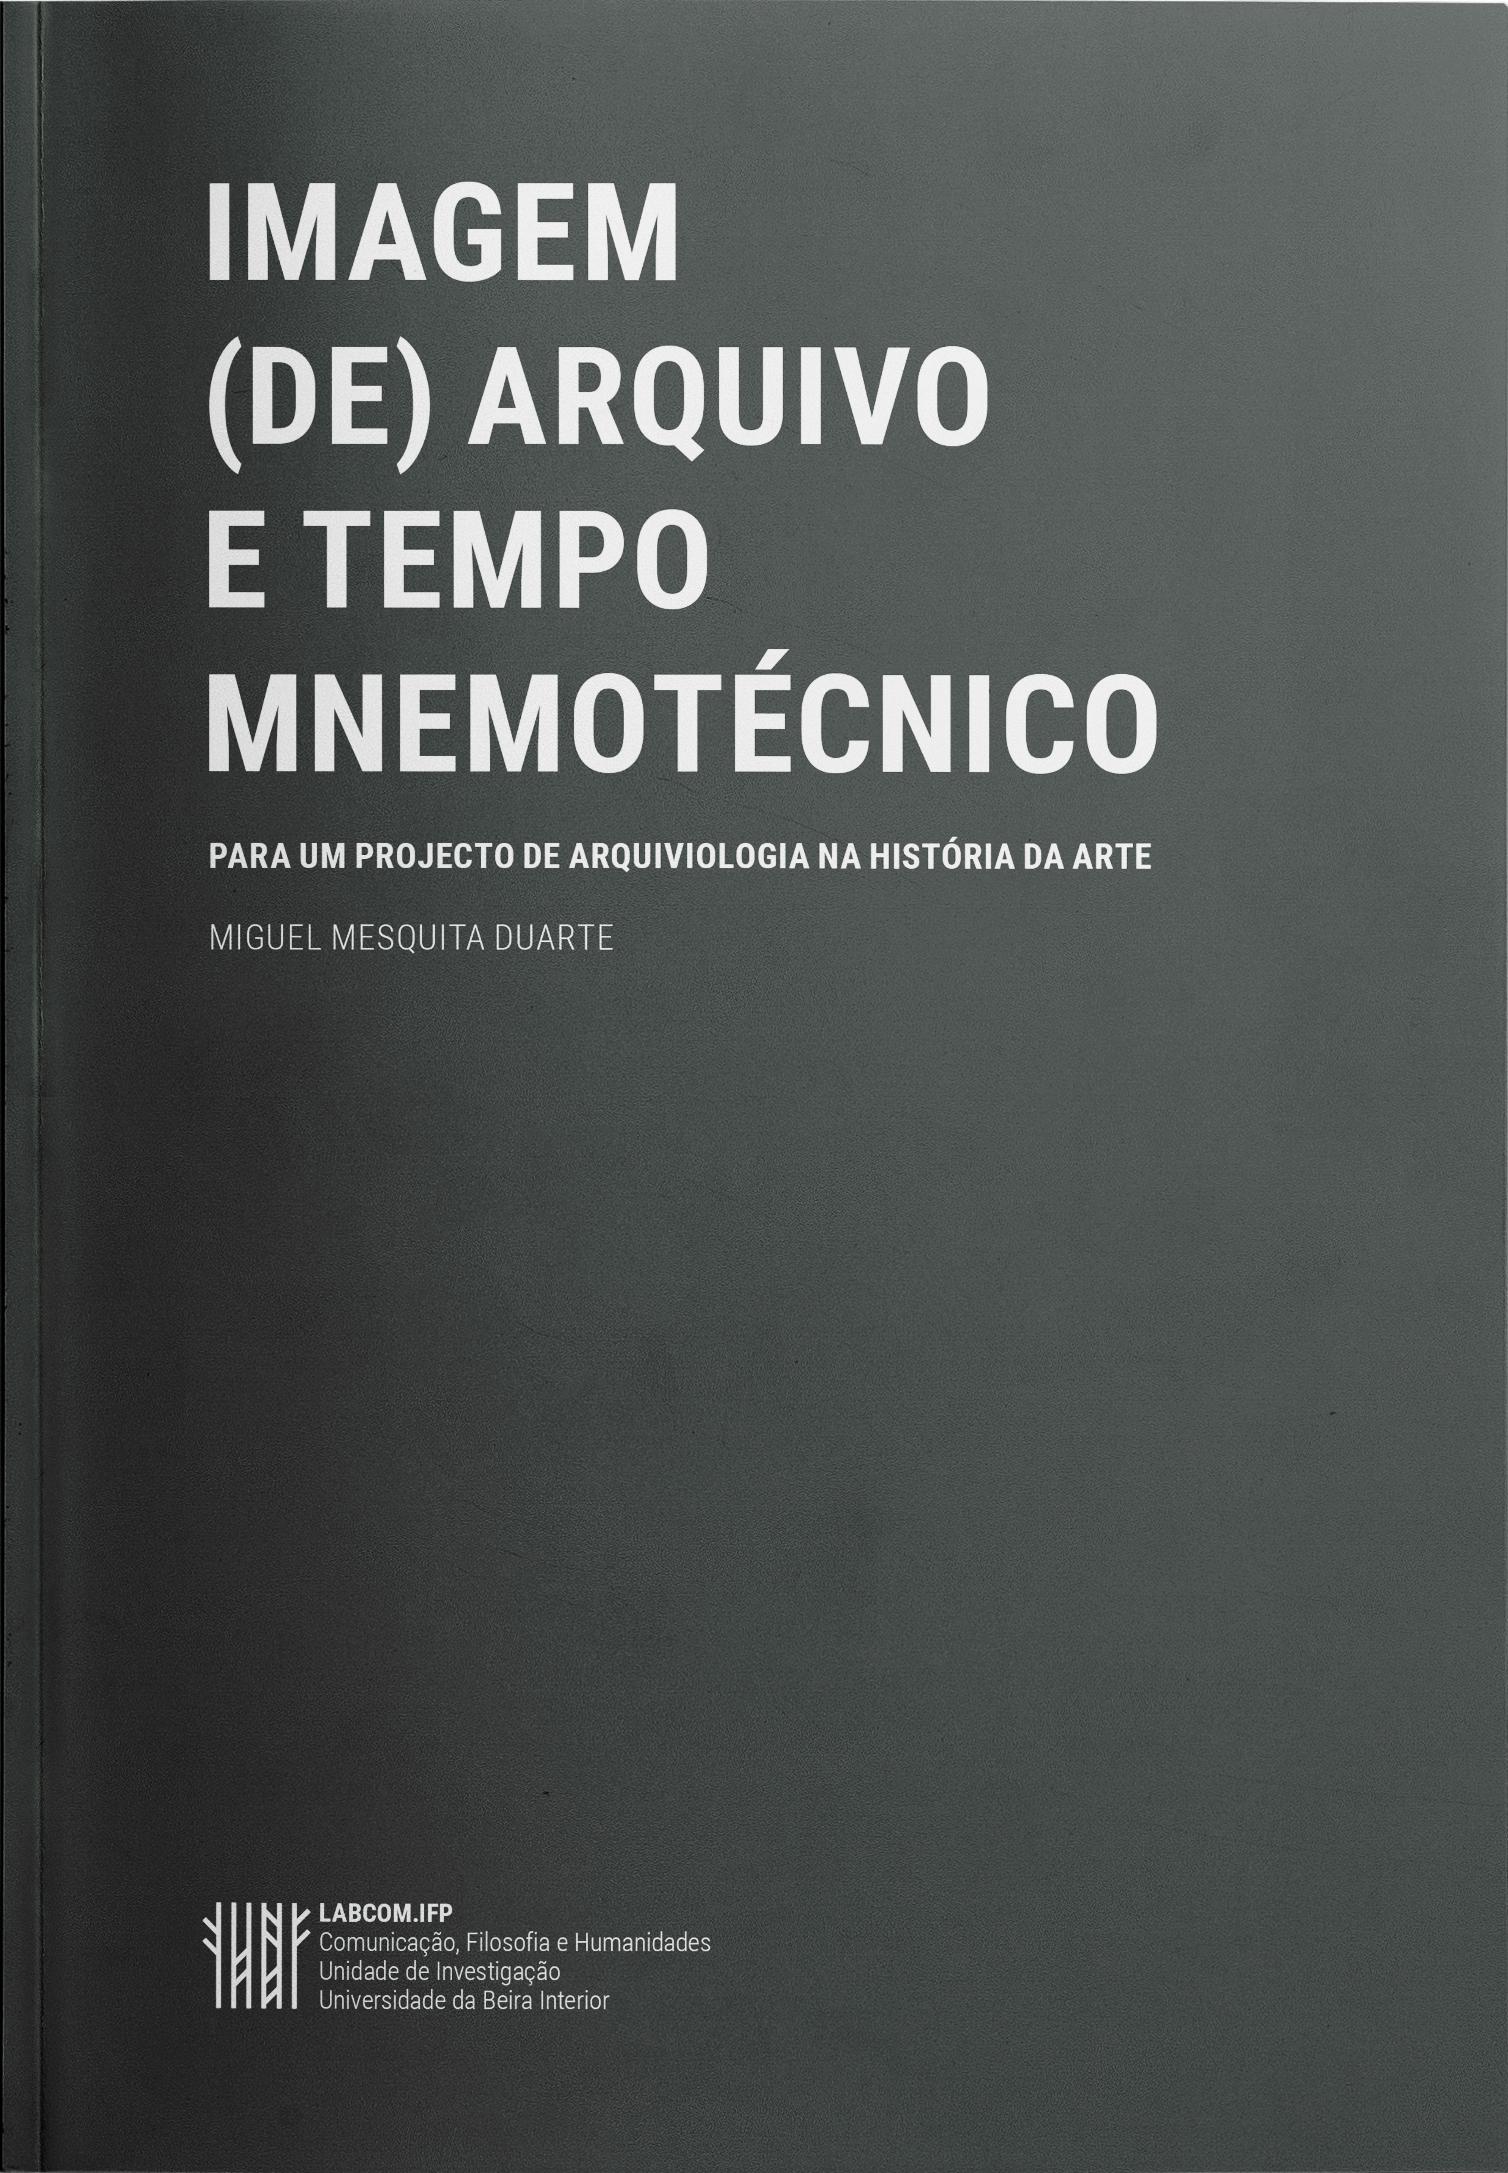 IMAGEM (DE) ARQUIVO E TEMPO MNEMOTÉCNICO 1610feaa64